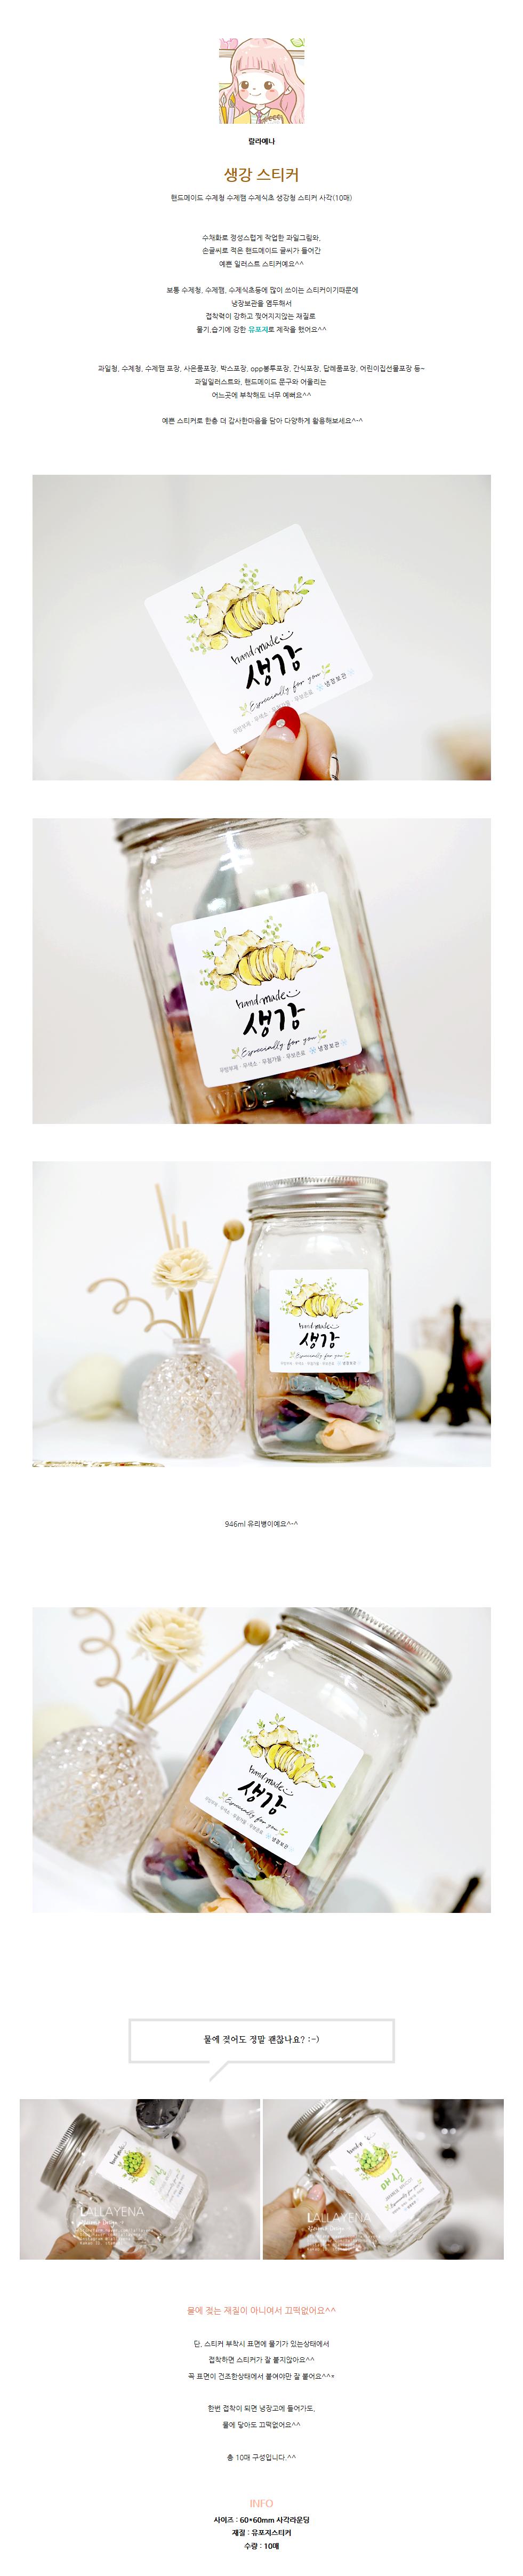 No.31생강청 생강식초 수제청 스티커 (10매) - 랄라예나, 1,200원, 스티커, 기프트라벨스티커